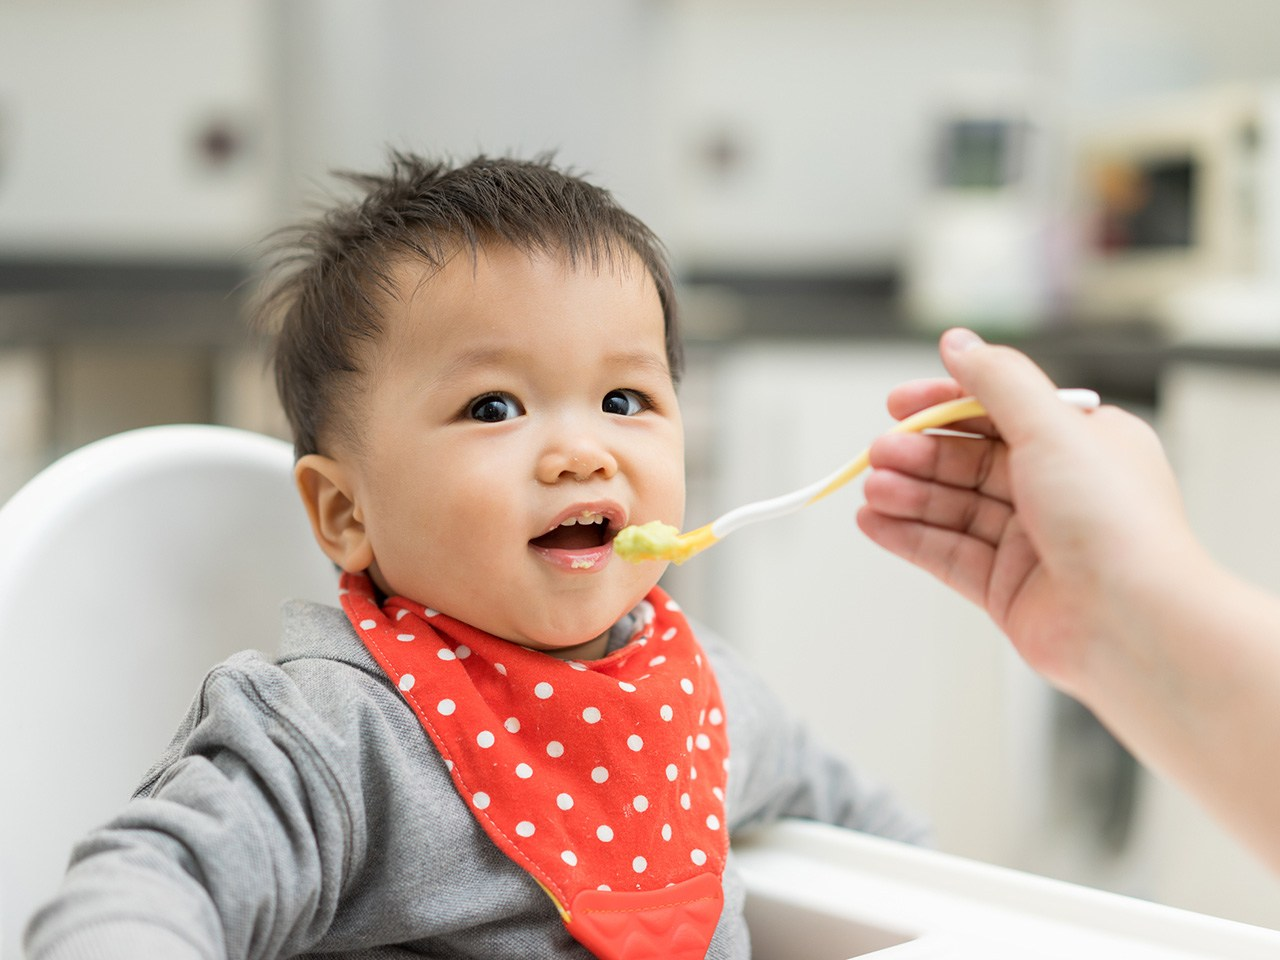 6-month-old-feeding-schedule-1280x960.jpg